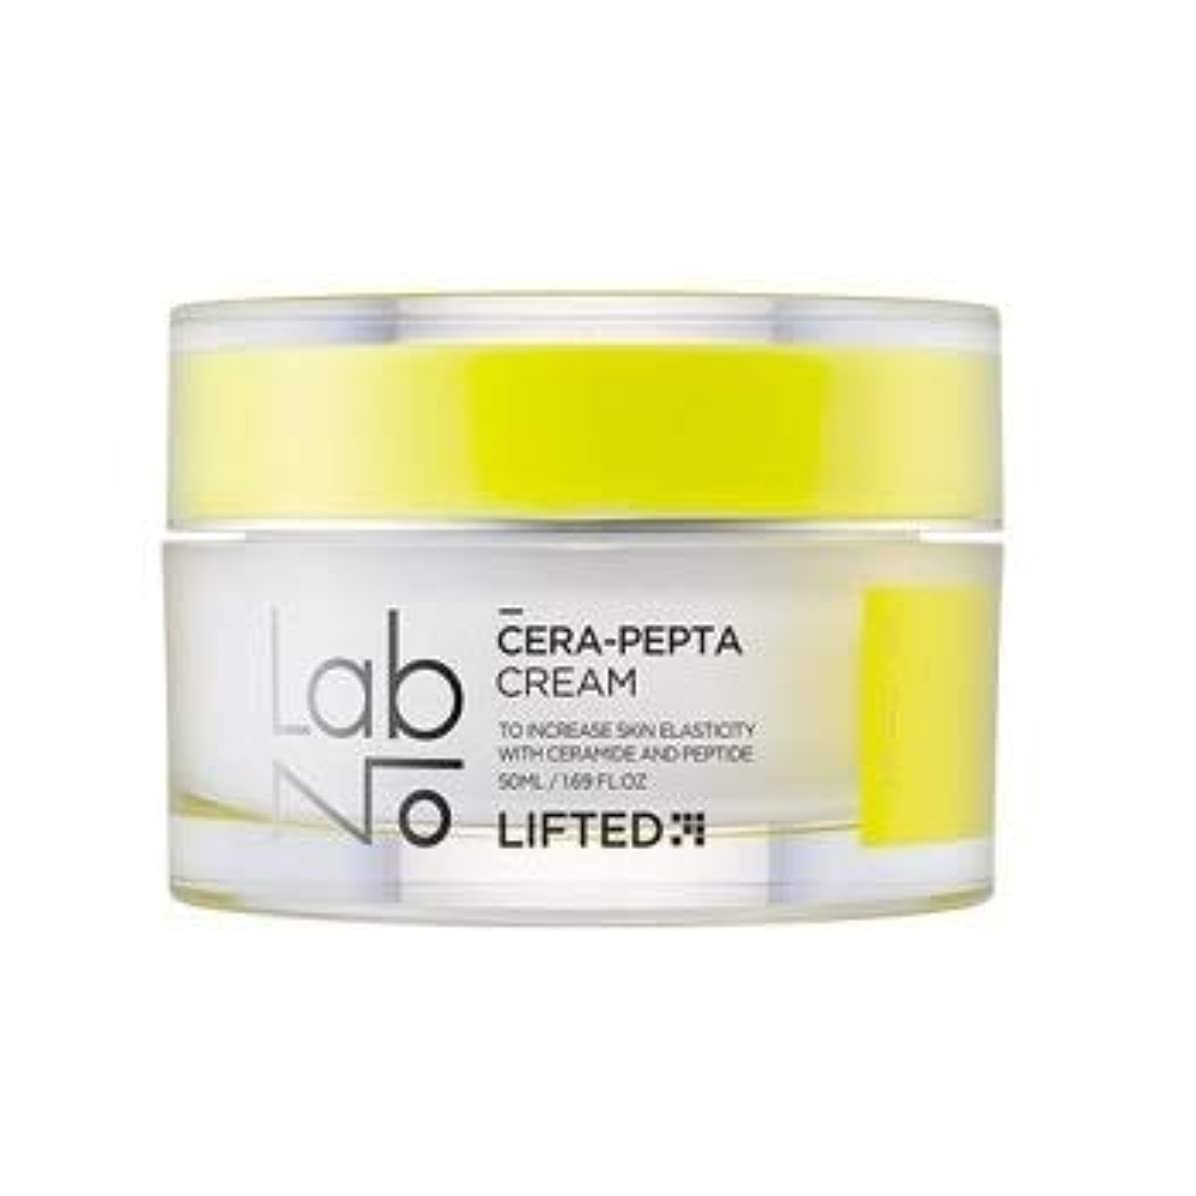 作詞家結び目バドミントンLabNo リフテッド セラ-ペプタ クリーム / Lifted Sera-Pepta Cream (50ml) [並行輸入品]